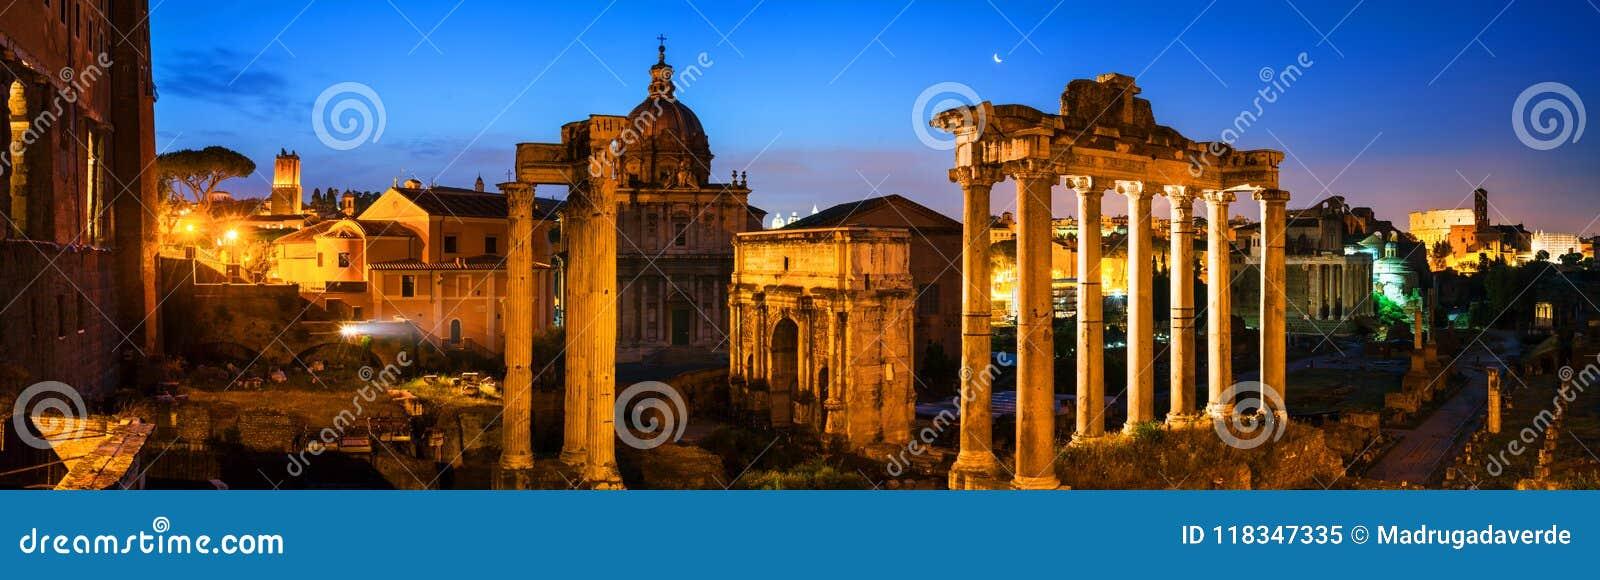 Vue aérienne de forum romain lumineux à Rome, Italie la nuit